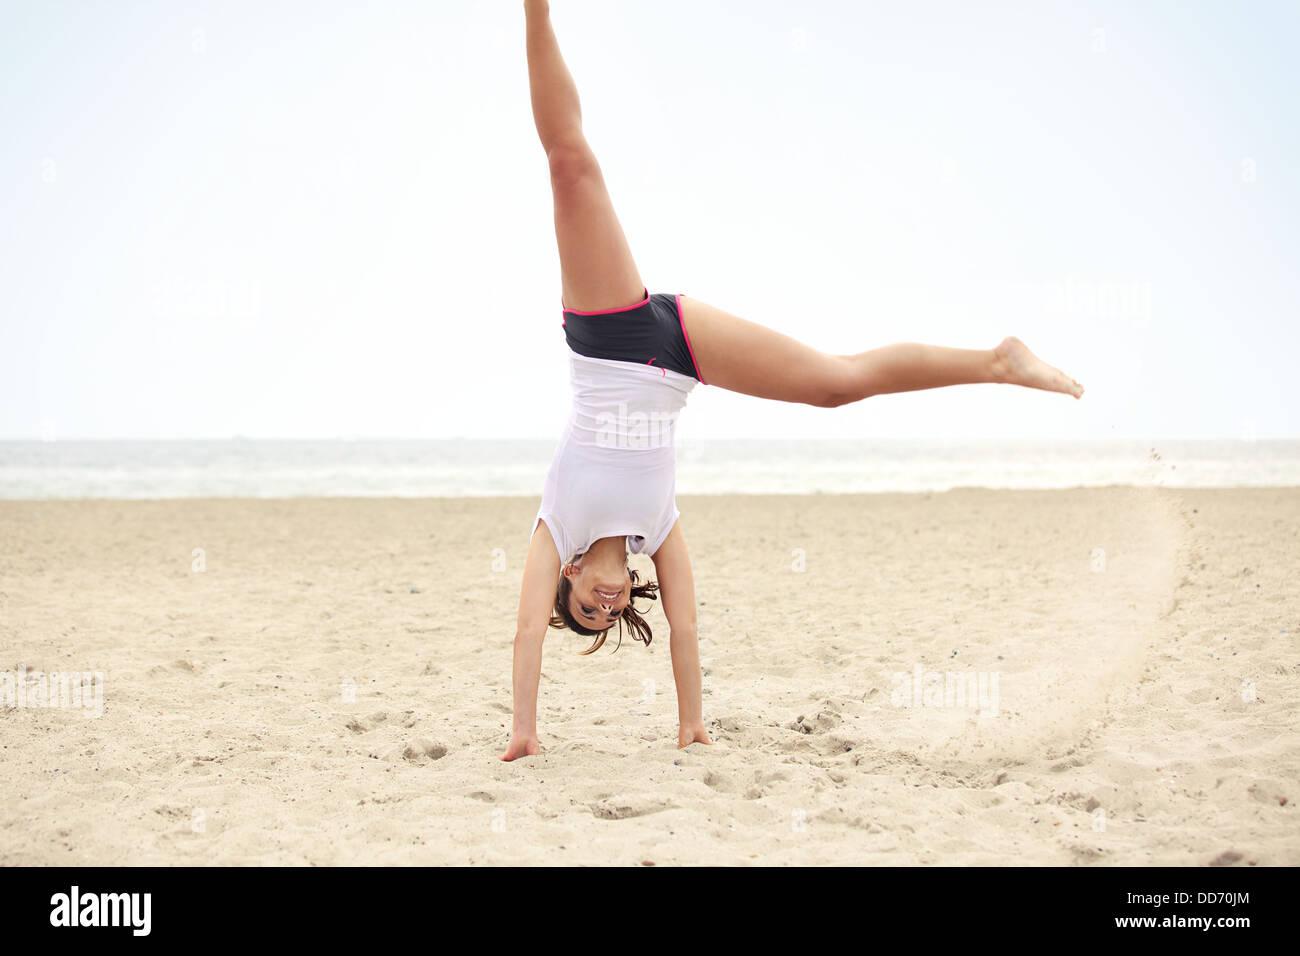 Feliz haciendo cartwheel femenino al aire libre en la playa. Estilo de vida saludable y activo shot expresar felicidad Imagen De Stock